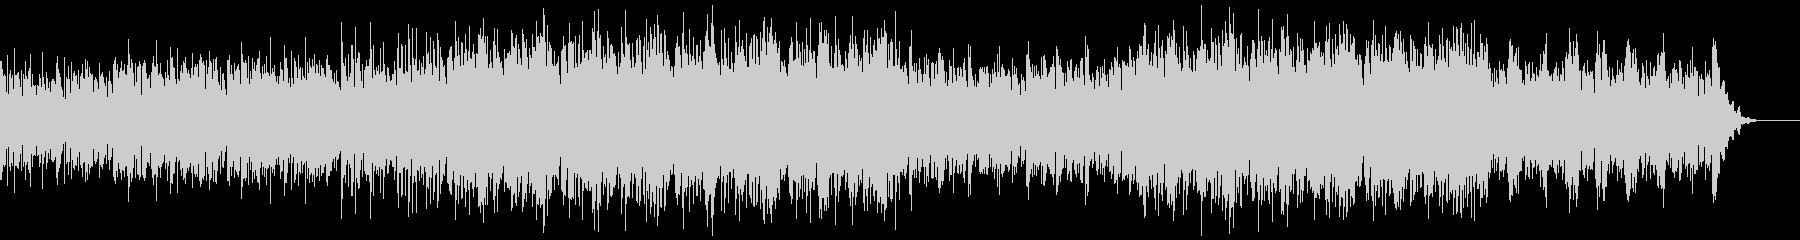 重々しくも挑戦的なピアノBGMの未再生の波形